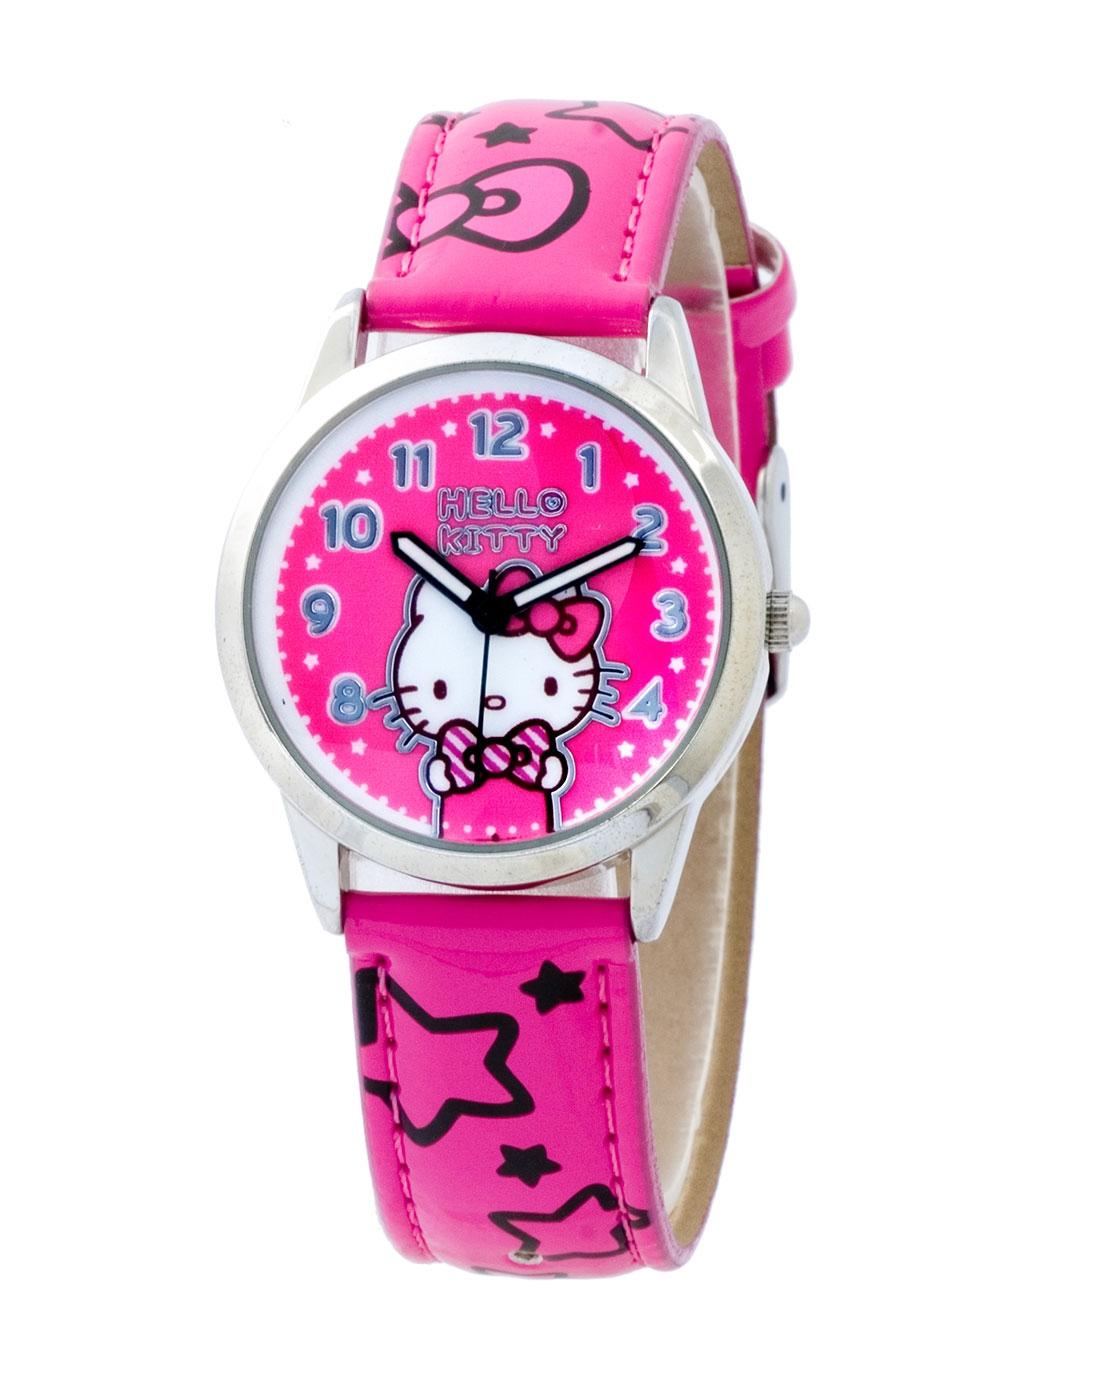 hello kitty儿童手表